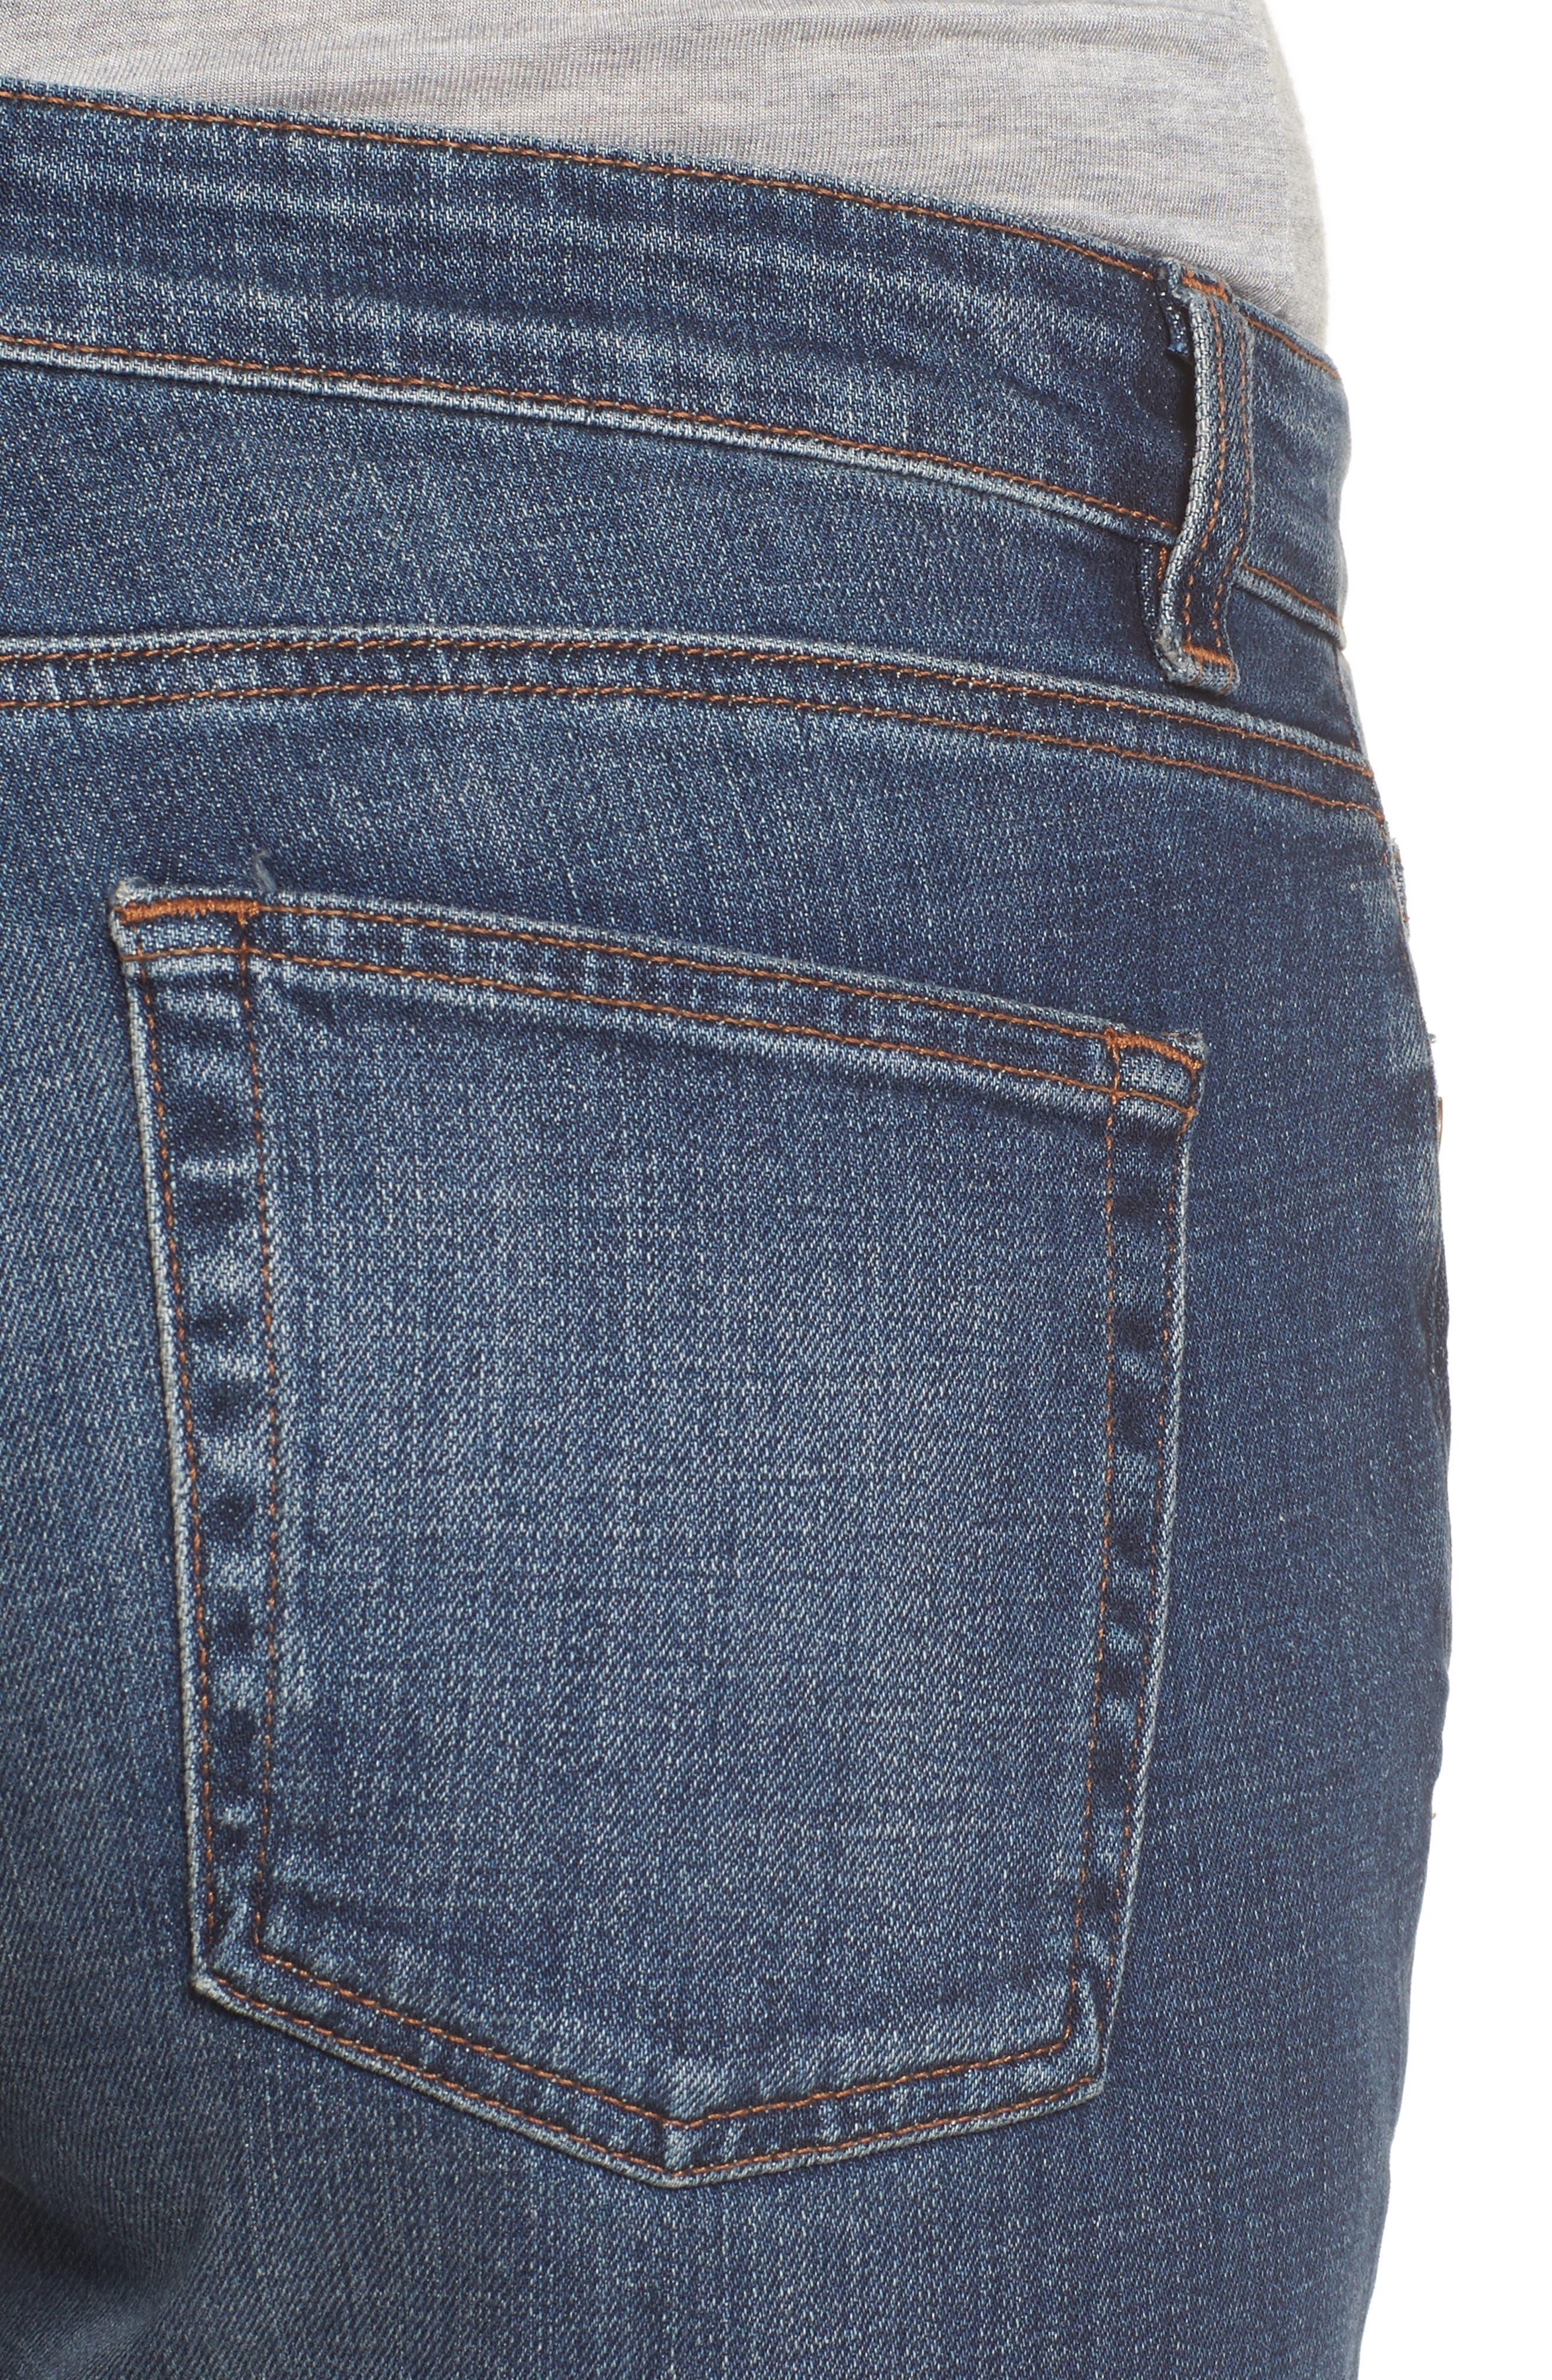 Organic Cotton Boyfriend Jeans,                             Alternate thumbnail 4, color,                             400